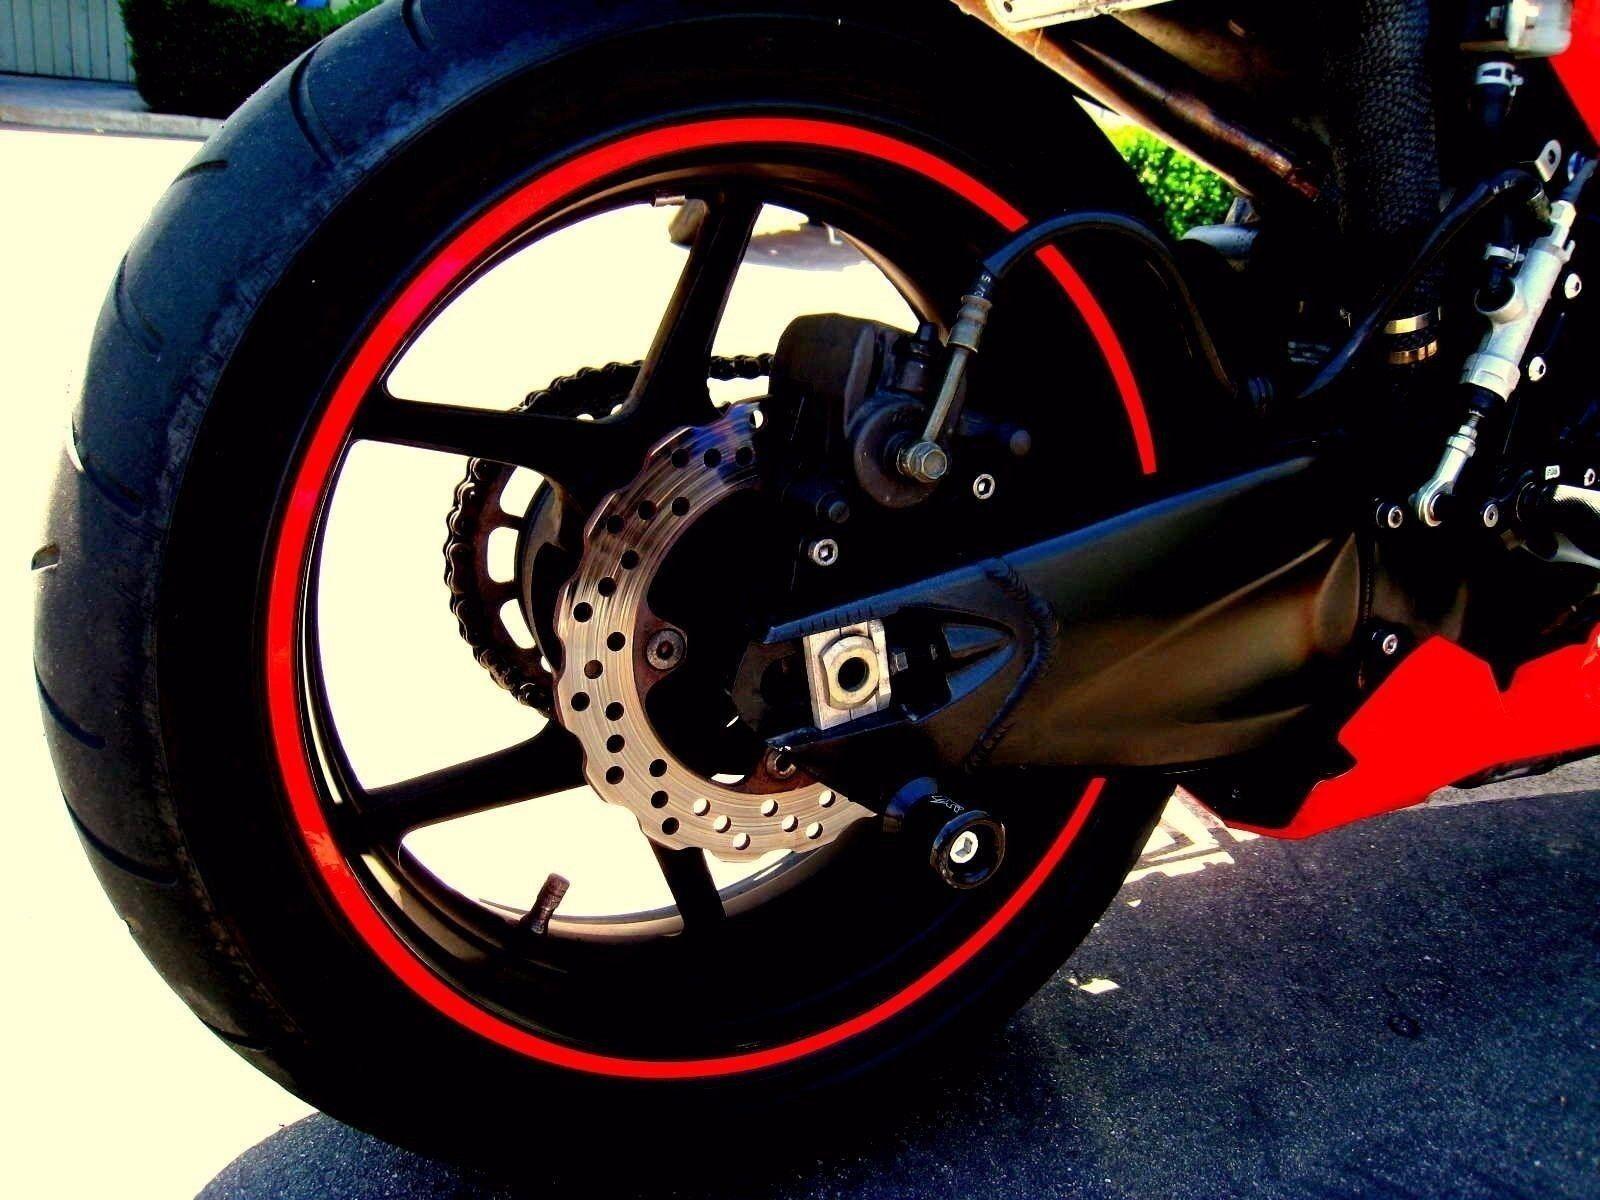 Red Rim Tape Decals Motorcycle Wheel Vinyl Stickers Stripes - Vinyl stripes for motorcycles